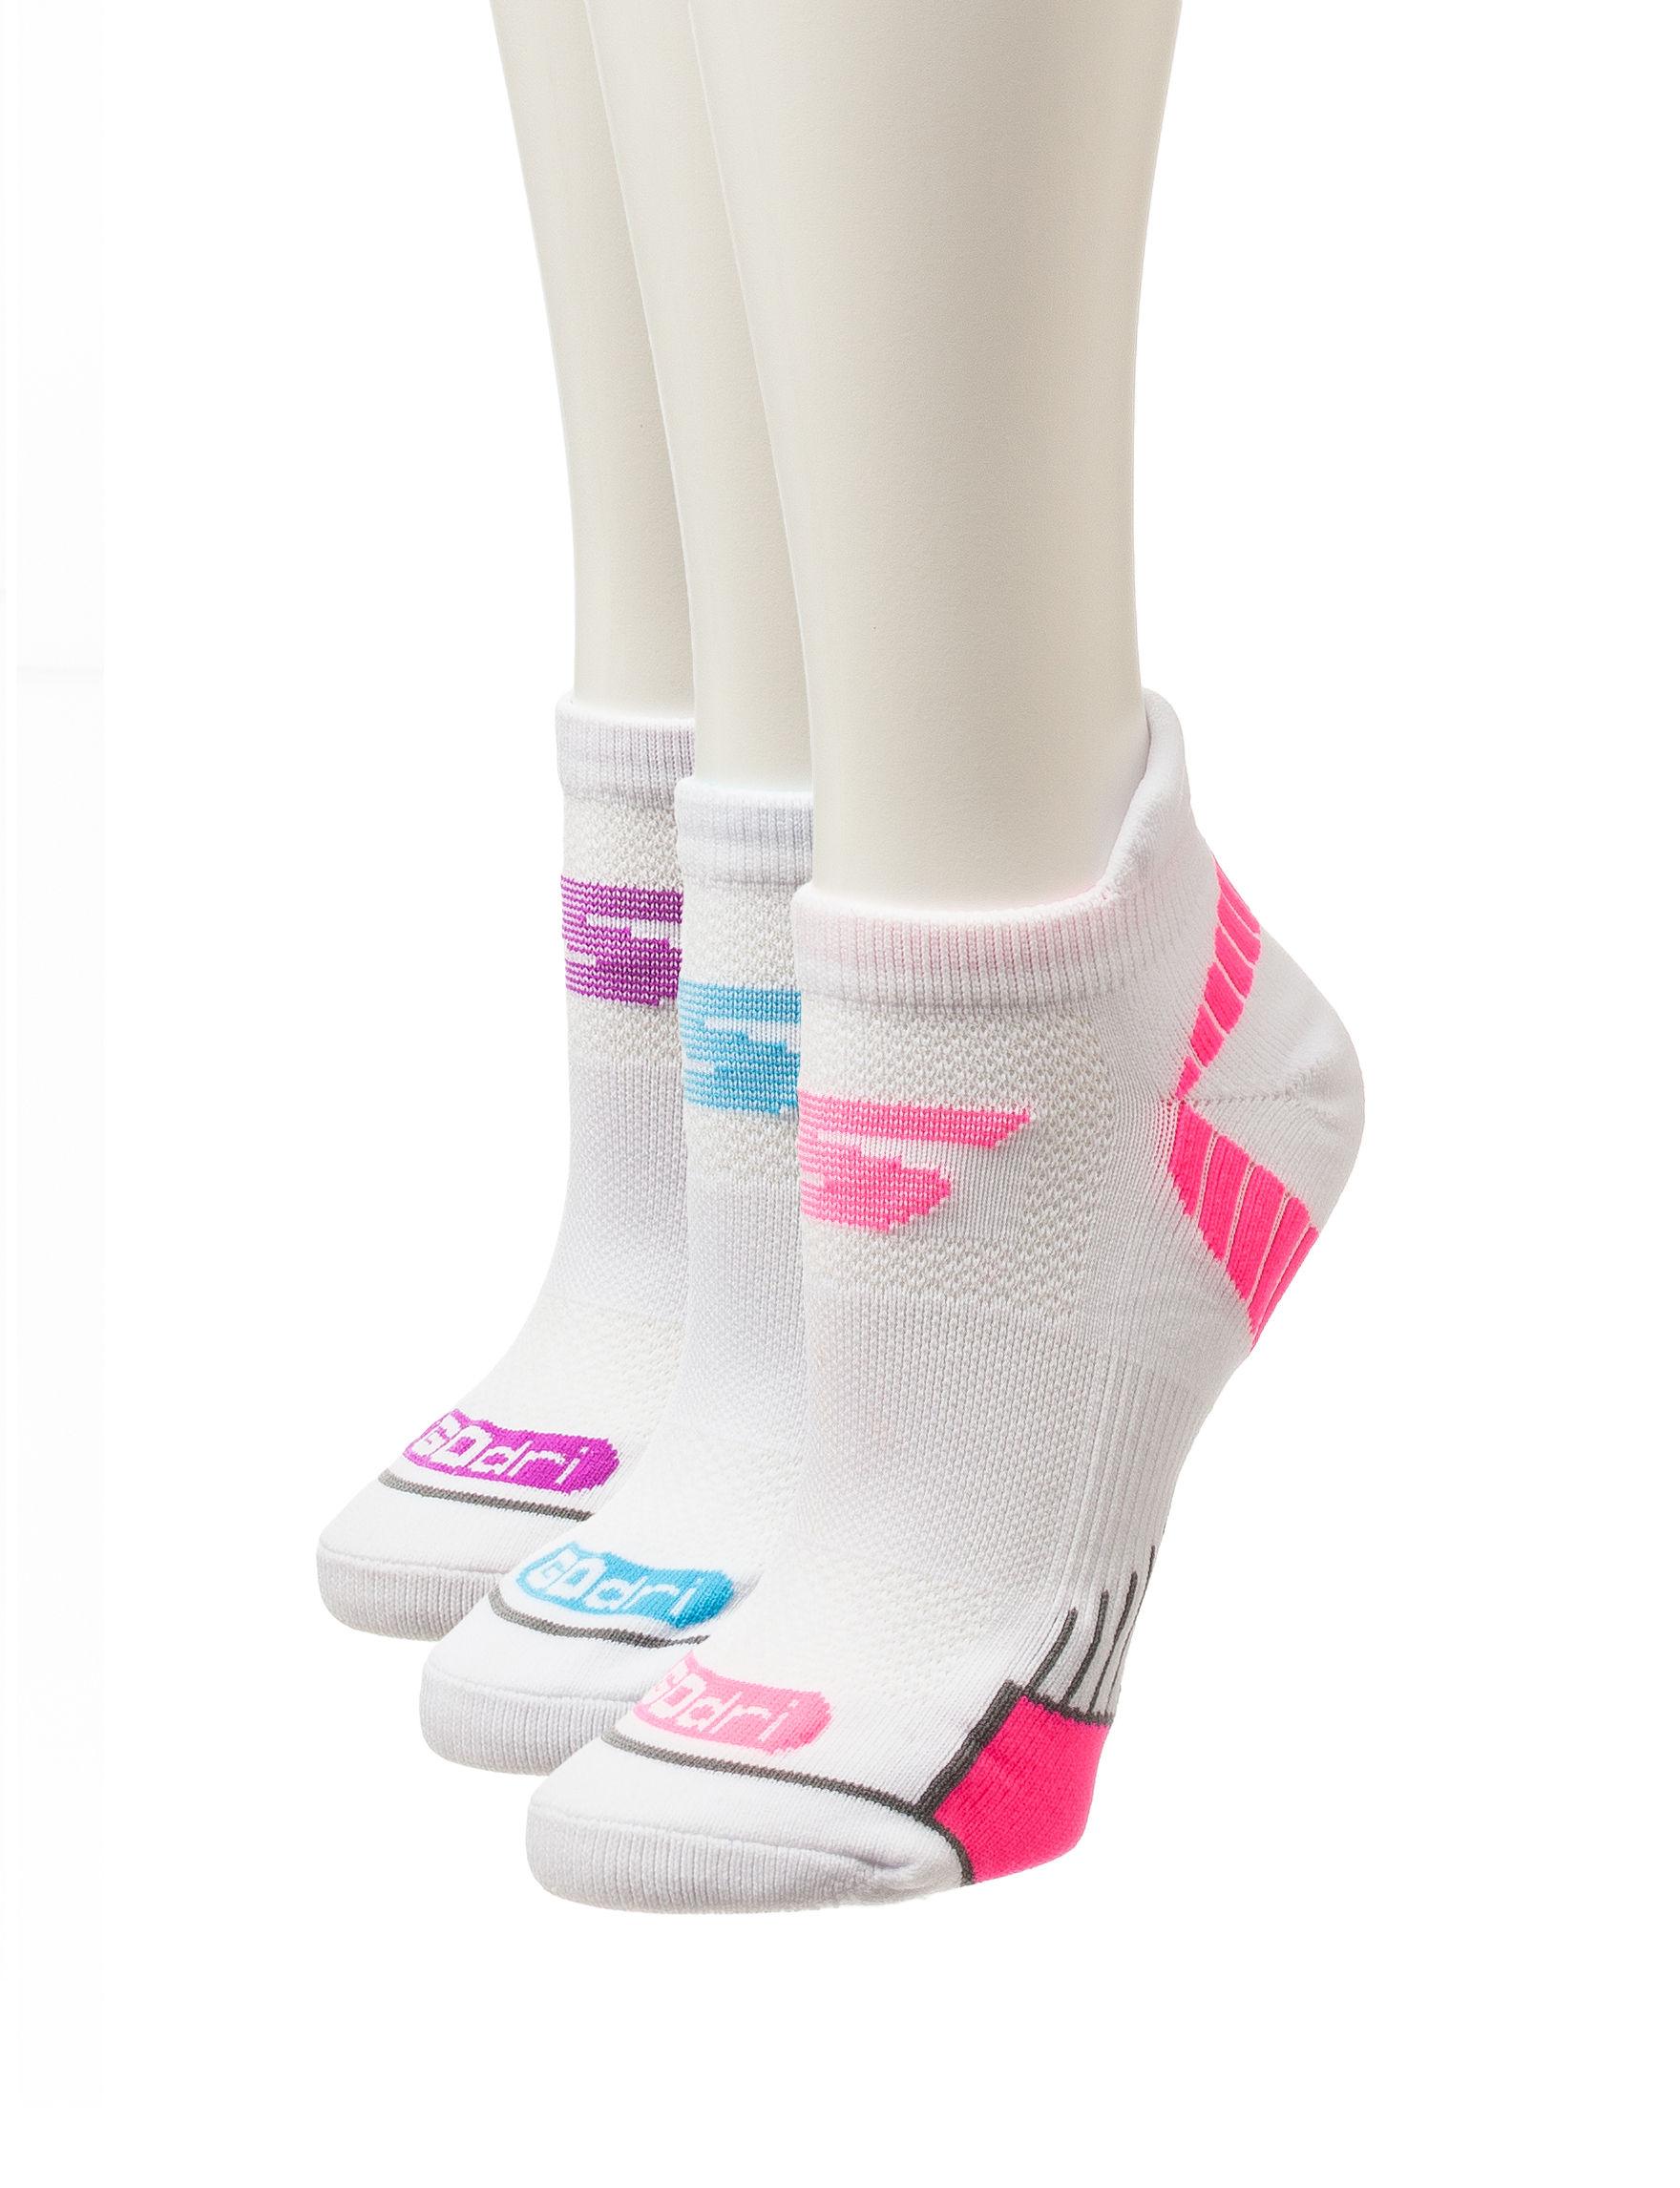 Skechers White/Multi Socks